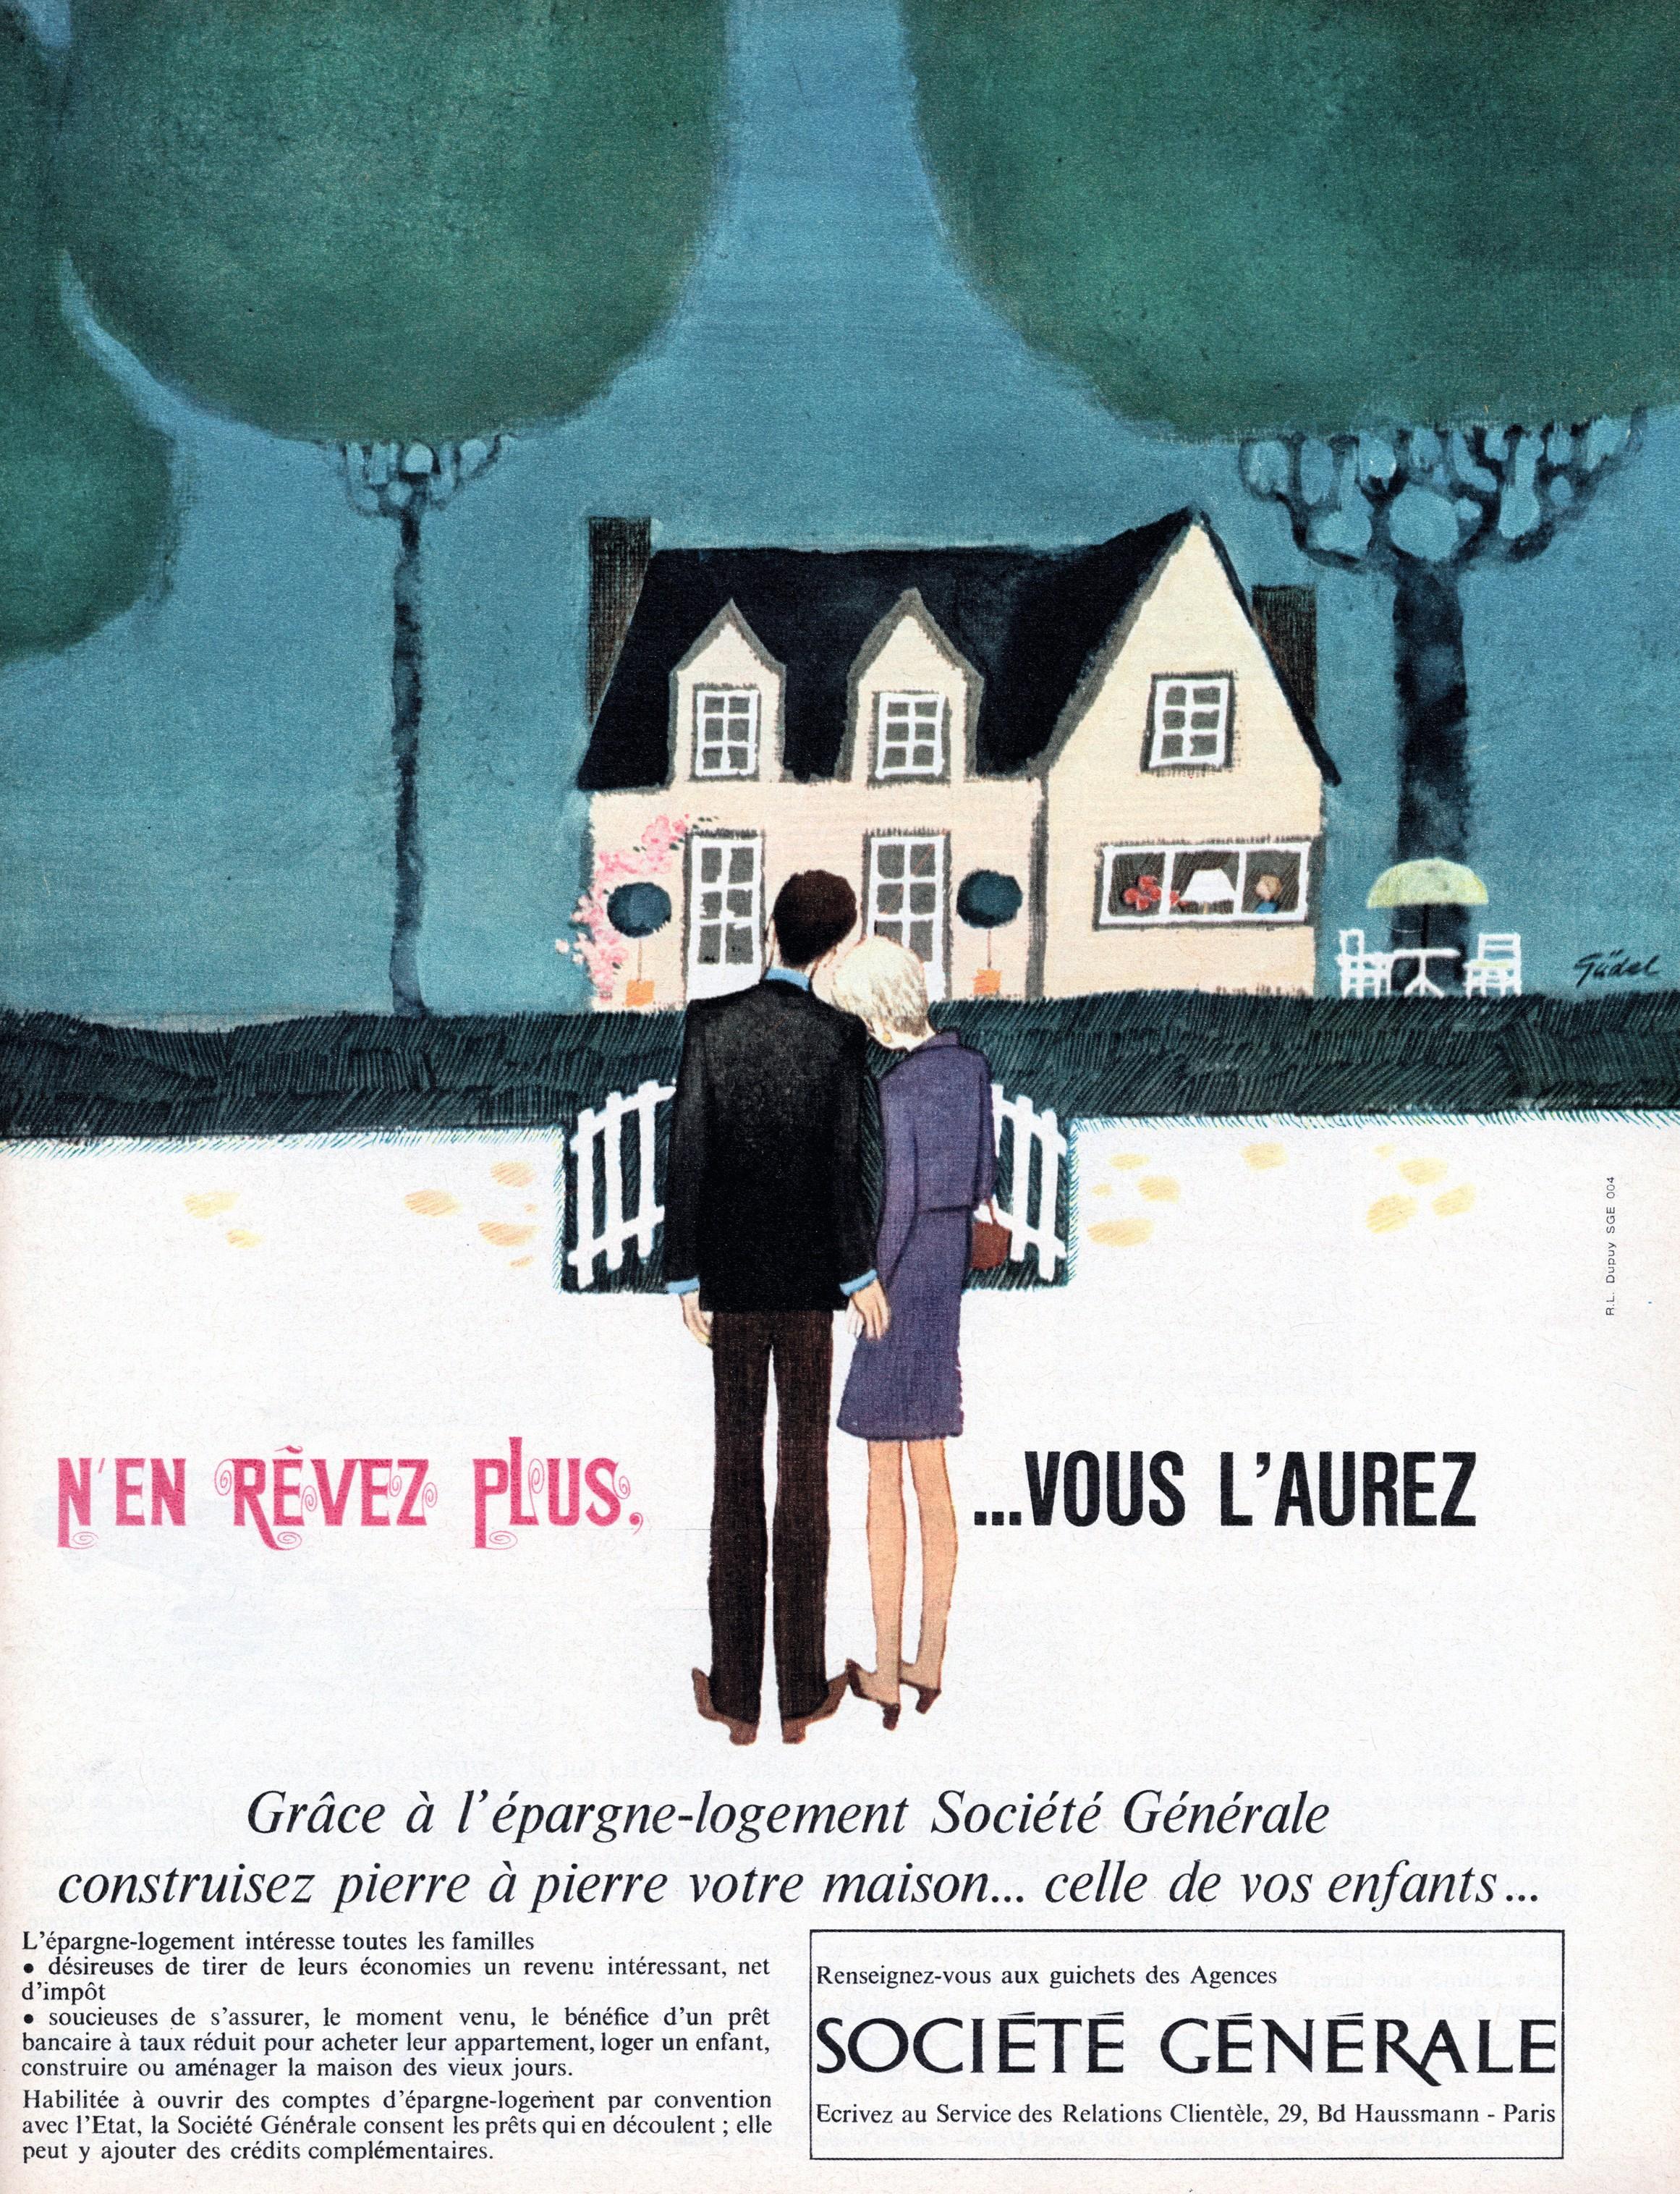 Affiche publicitaire de 1960 pour la Société Générale